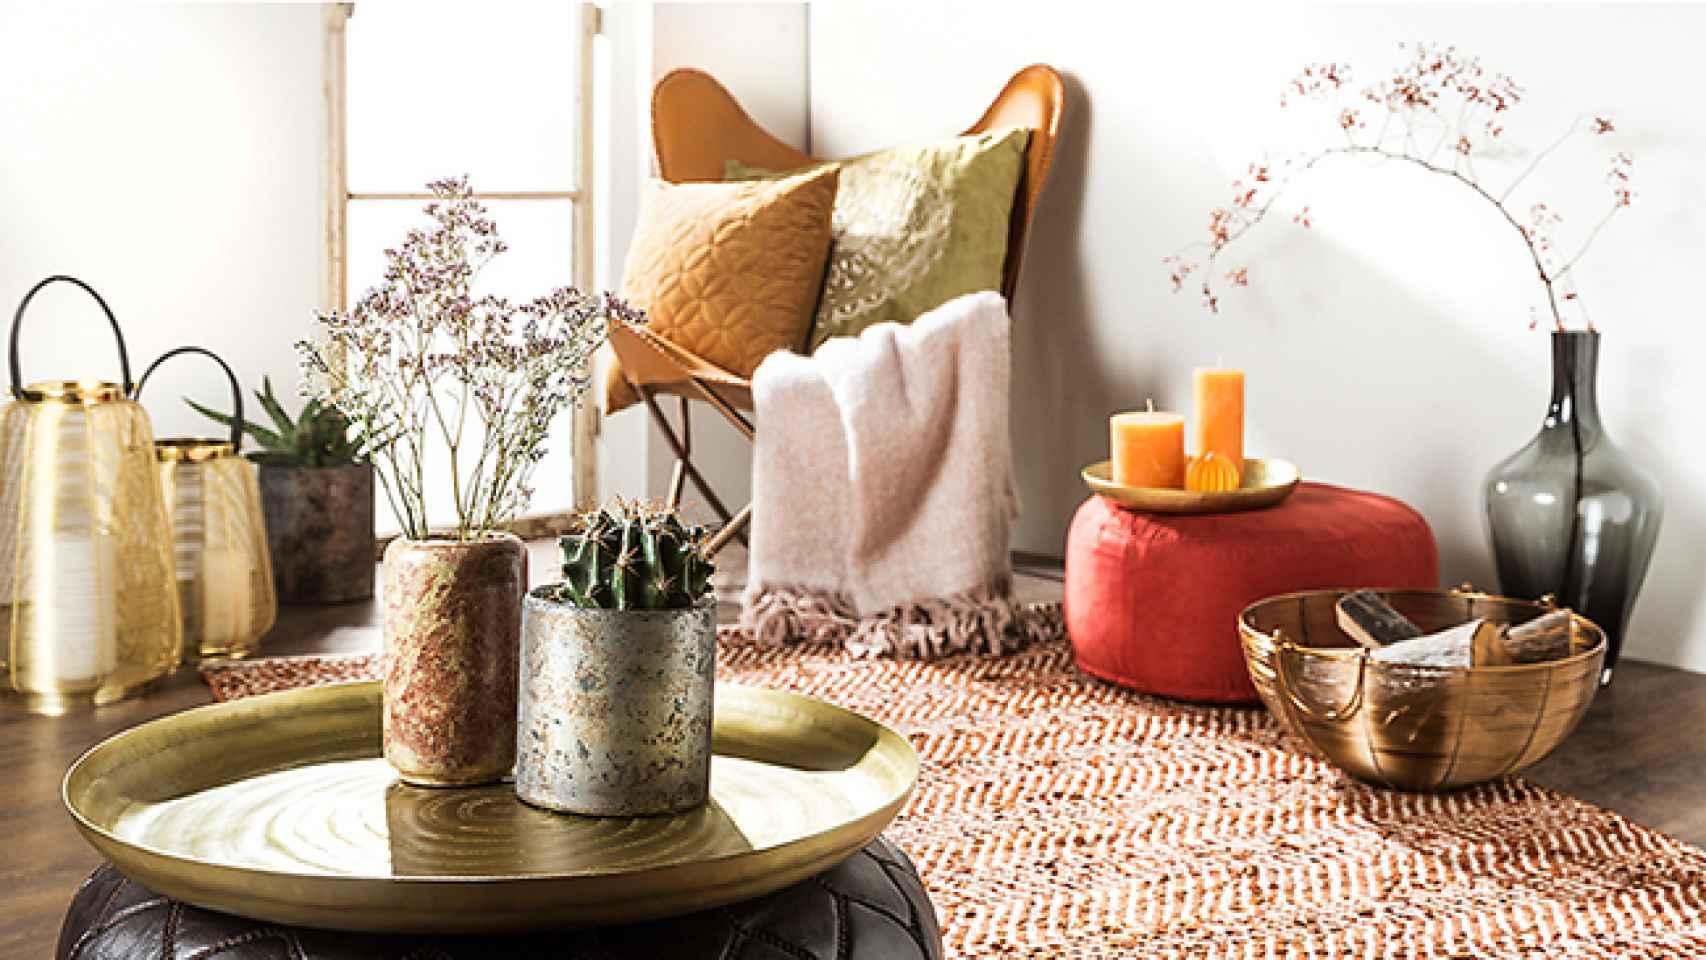 Los tonos cálidos crean espacios más acogedores. Foto: Westwind.